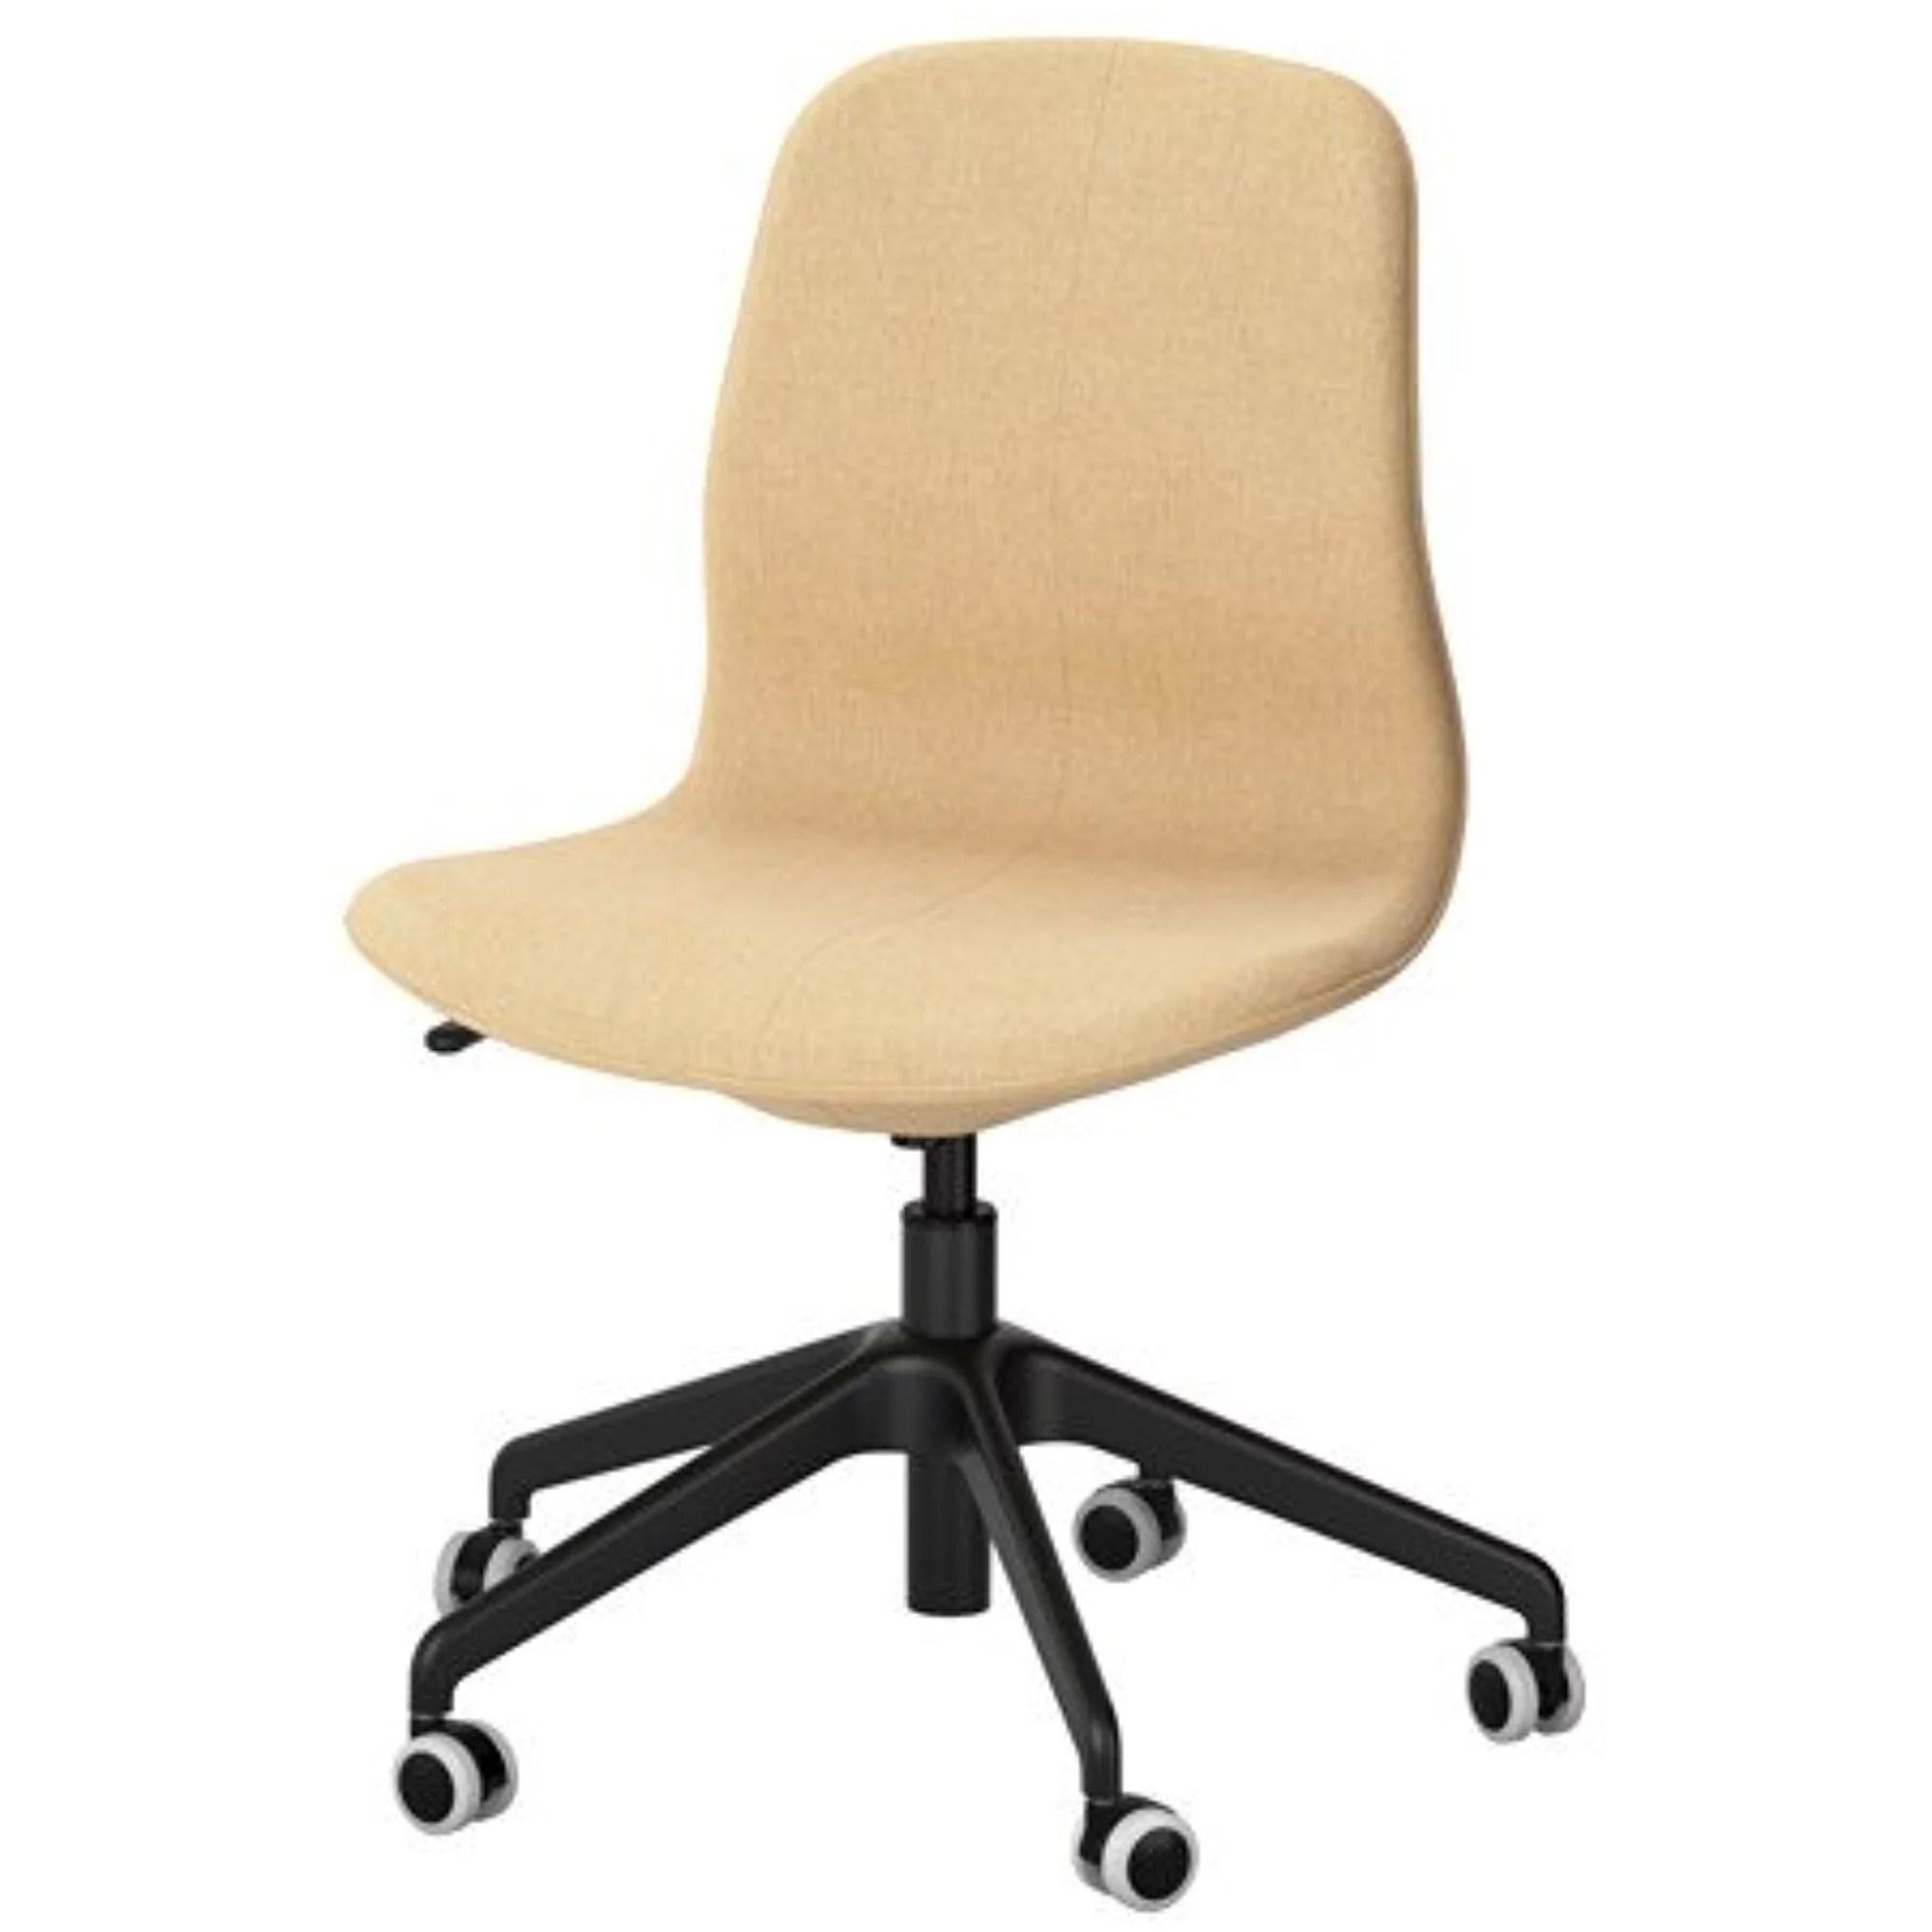 ab swivel chair wheelchair icd 10 ikea gunnared yellow black 18386 232317 206 walmart com